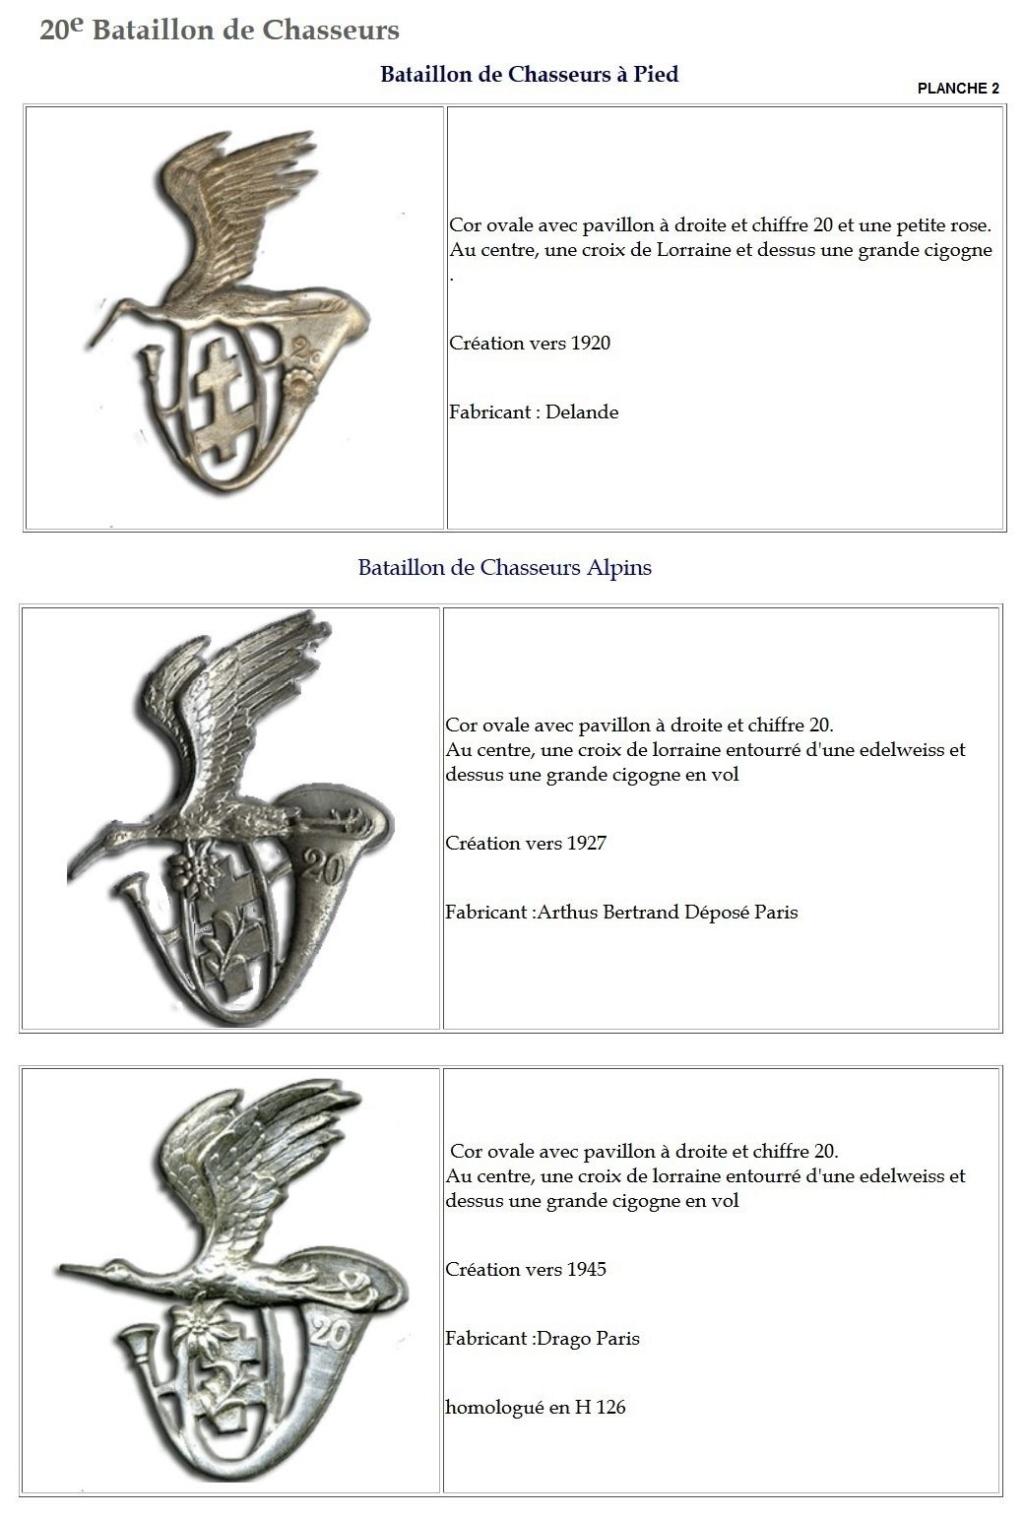 Les insignes de bataillons- Mise à jour... - Page 2 20e_pl11